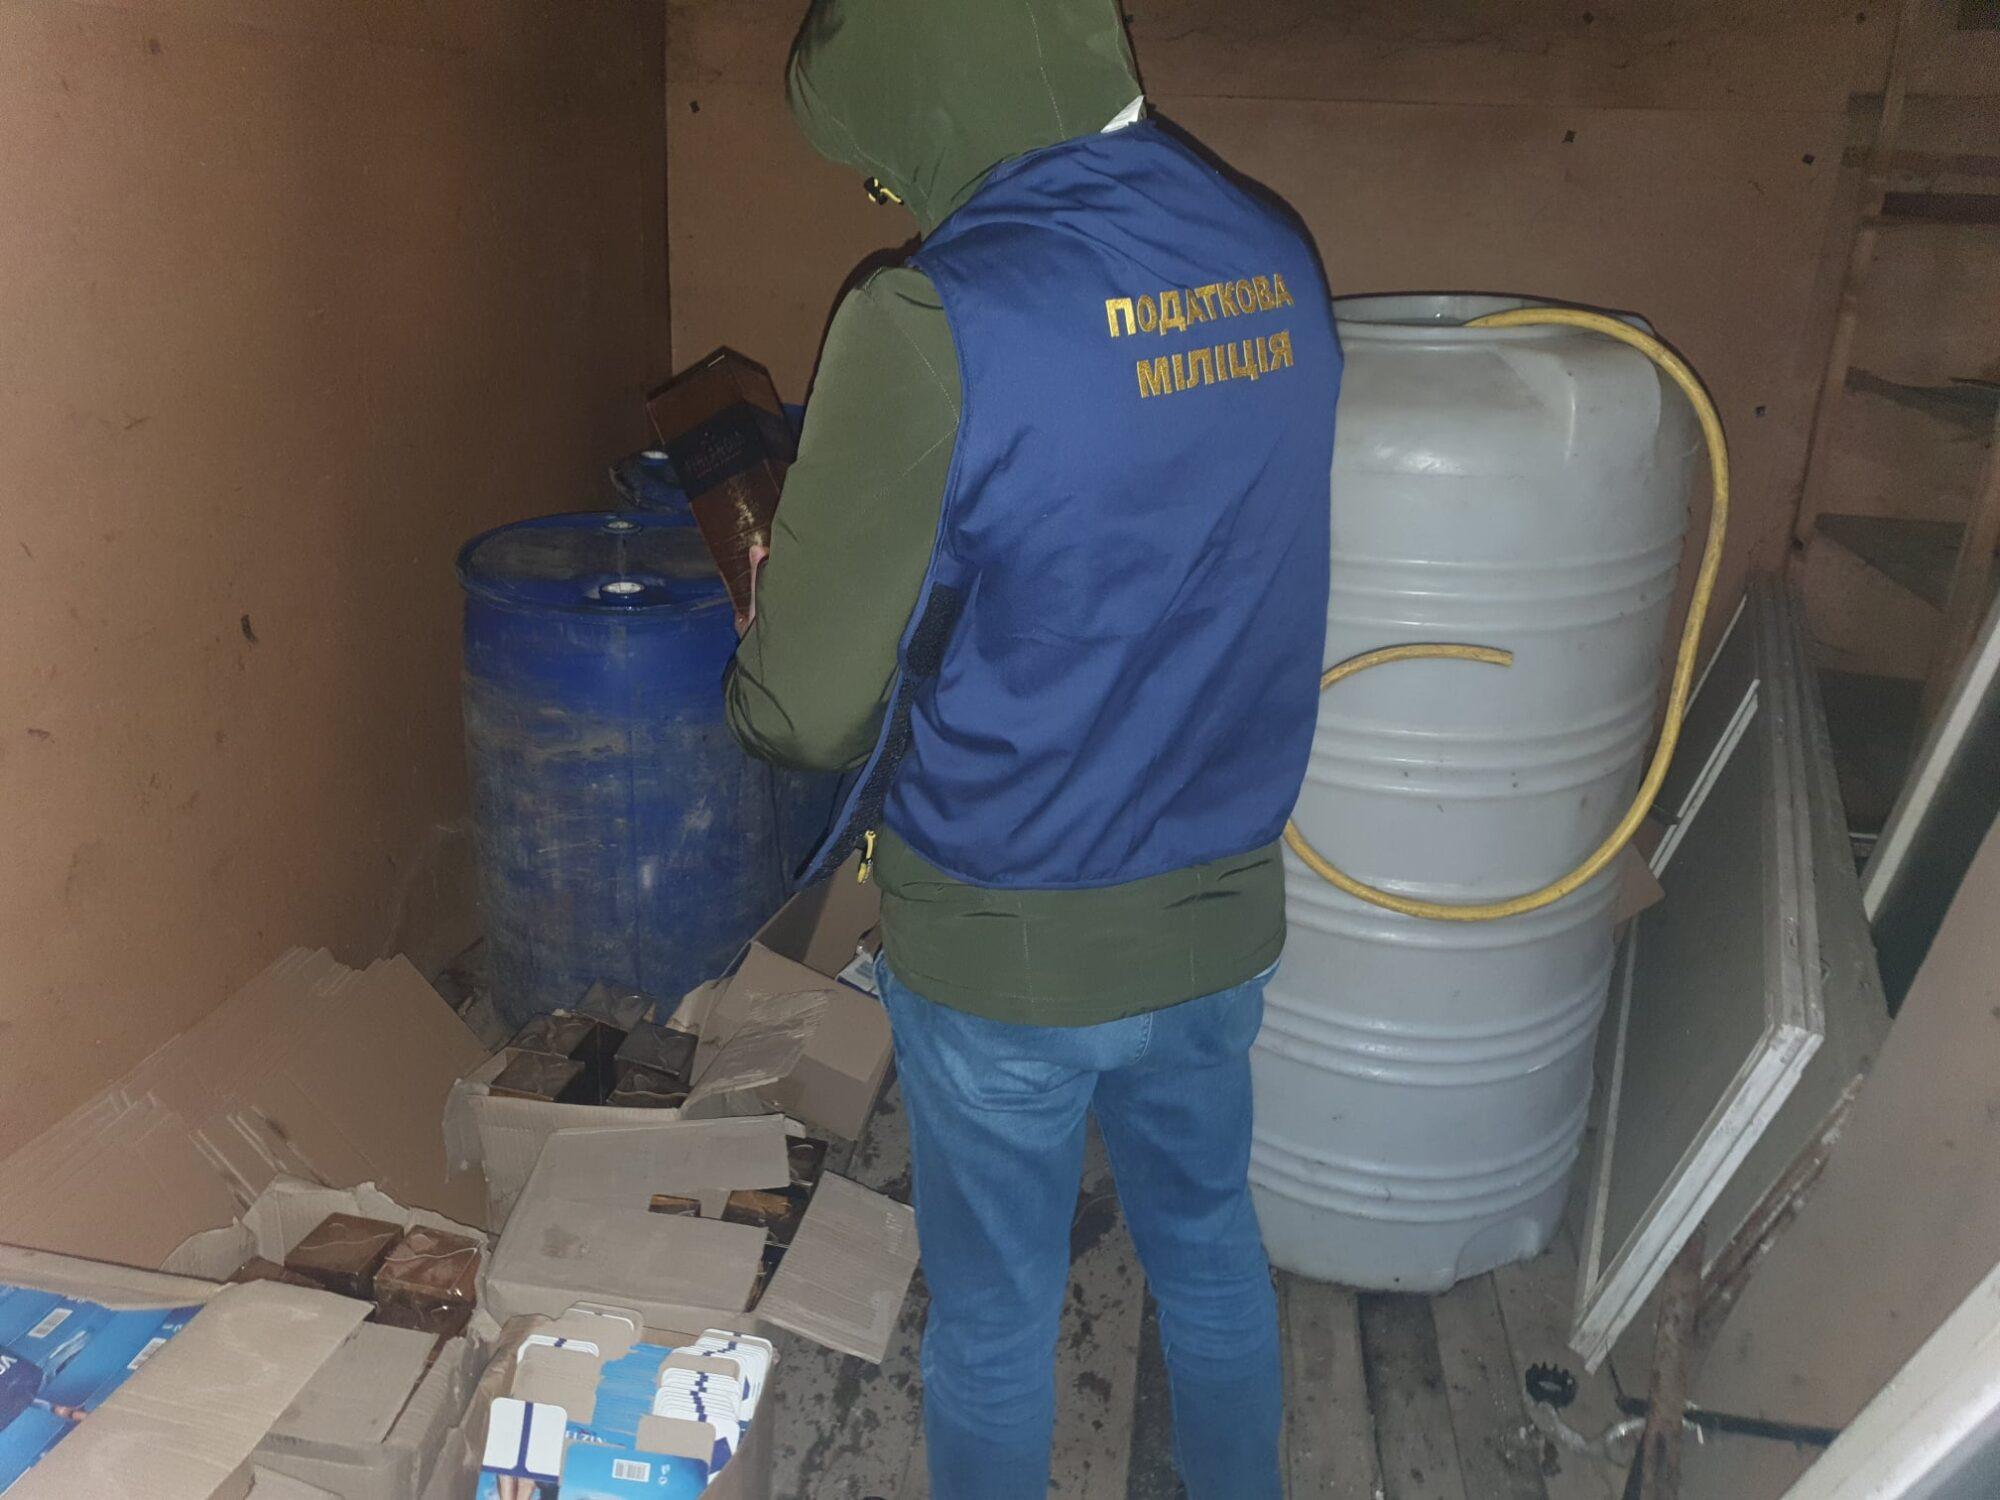 На Бориспільщині та в Ірпені підробляли спиртні напої - підпільний цех, алкоголь - 146508052 1546326668911658 164911299175988908 o 2000x1500